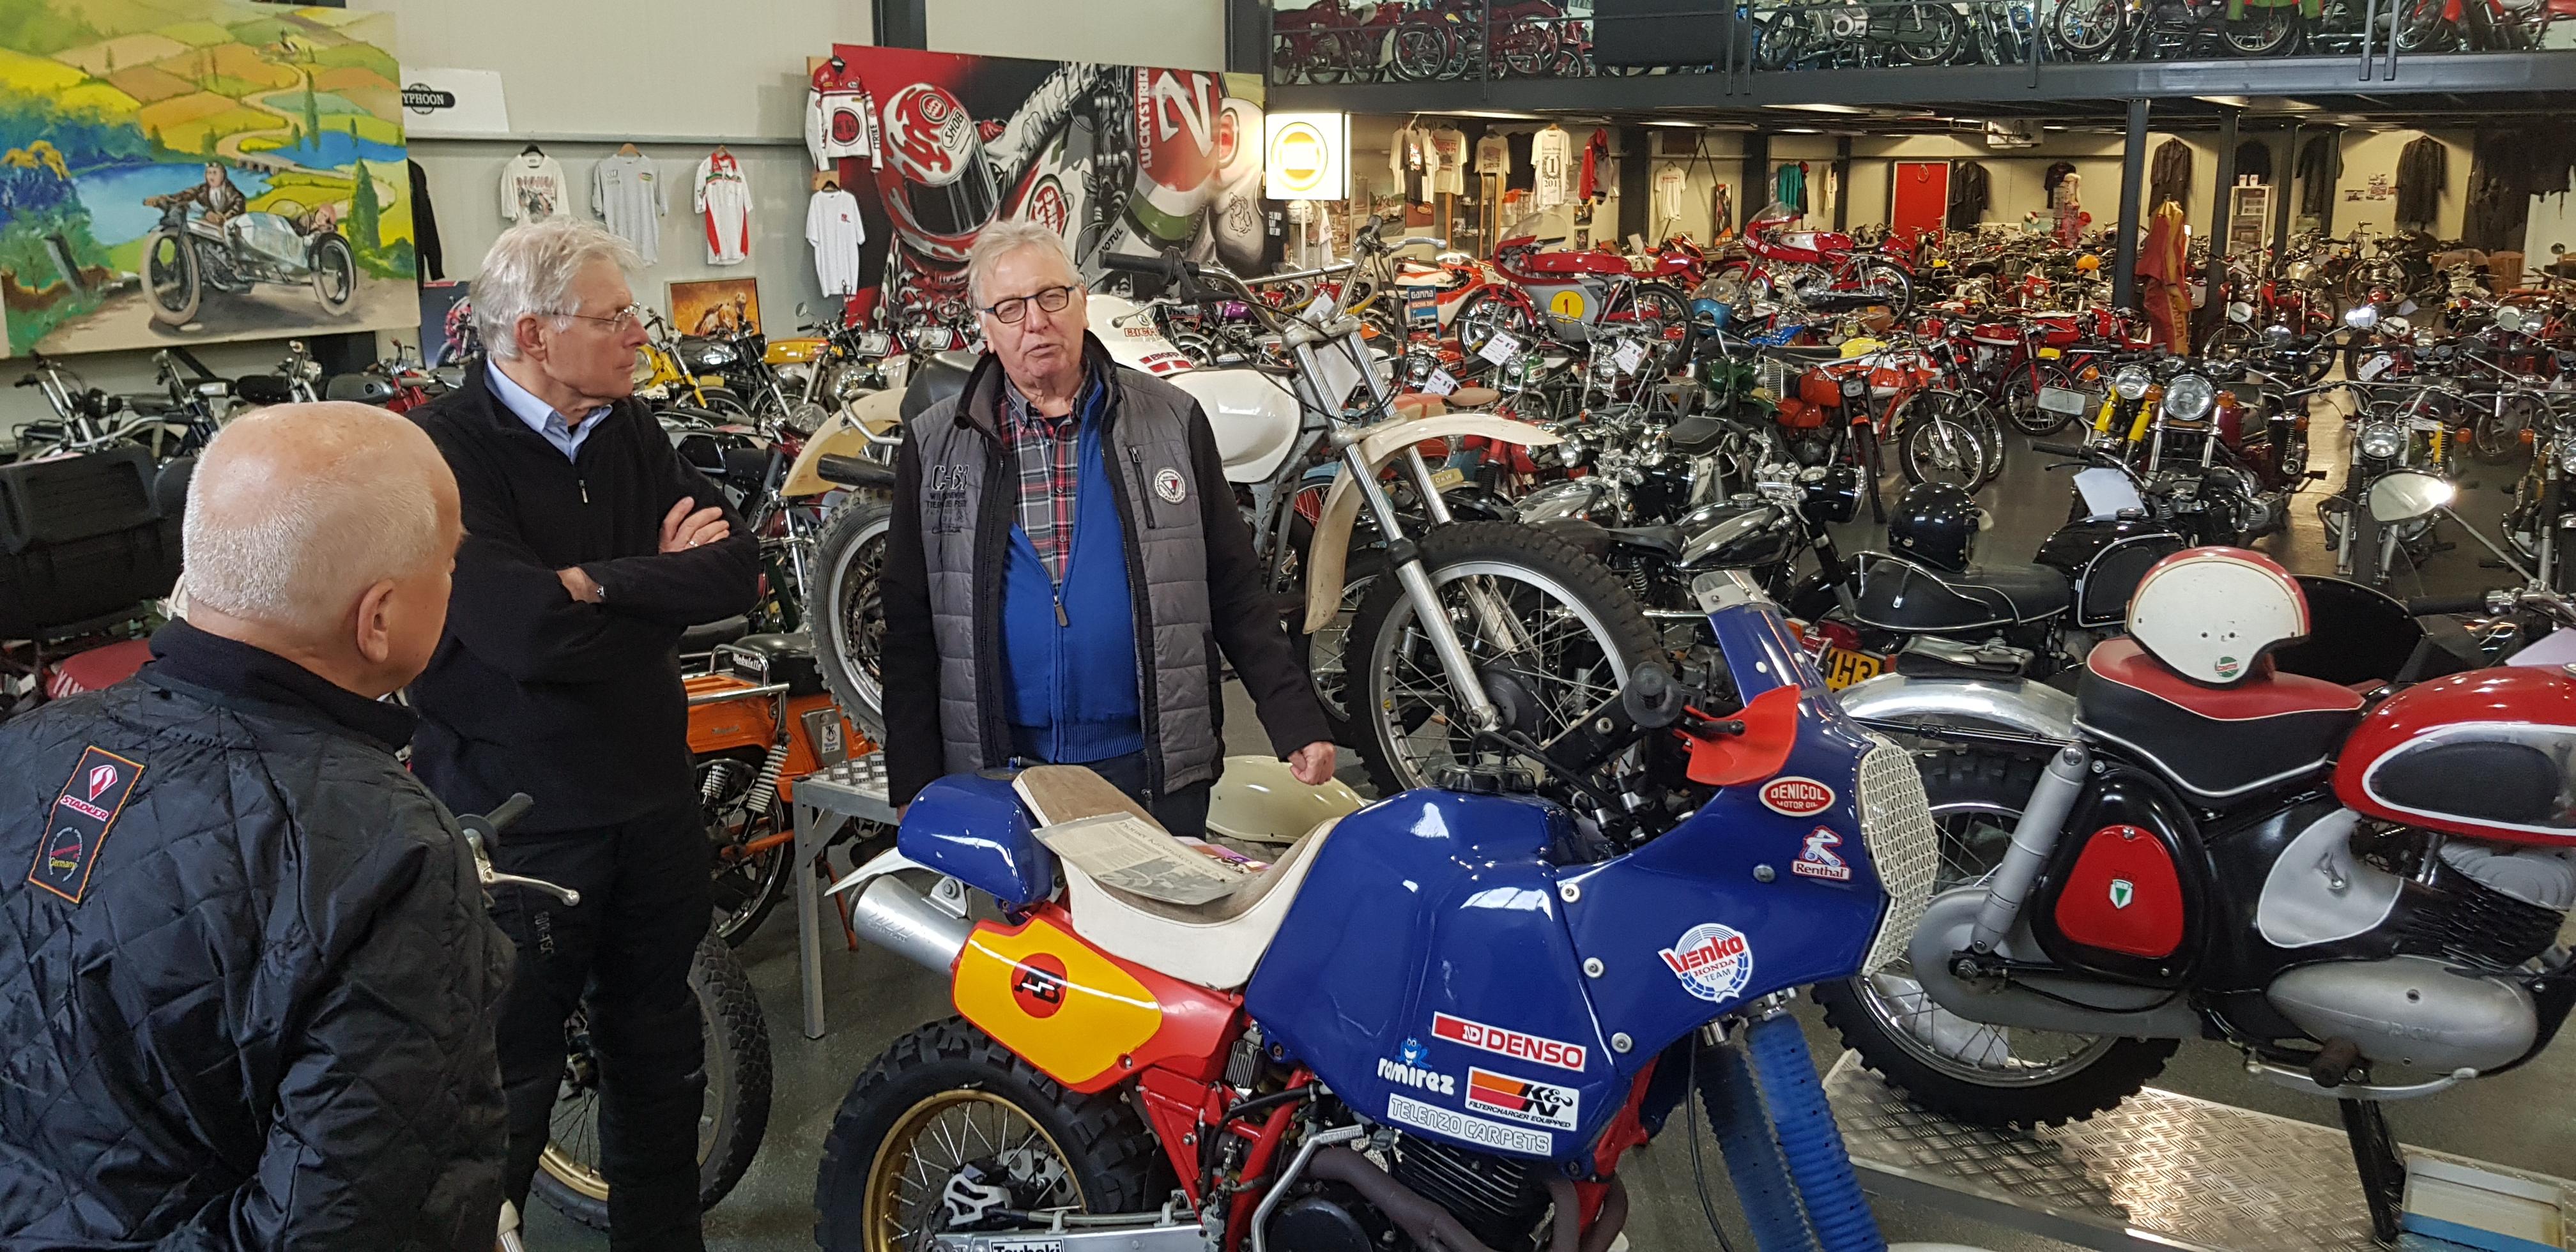 Brommer-en-motormuseum-Wigchers-Schoonoord-verhaal